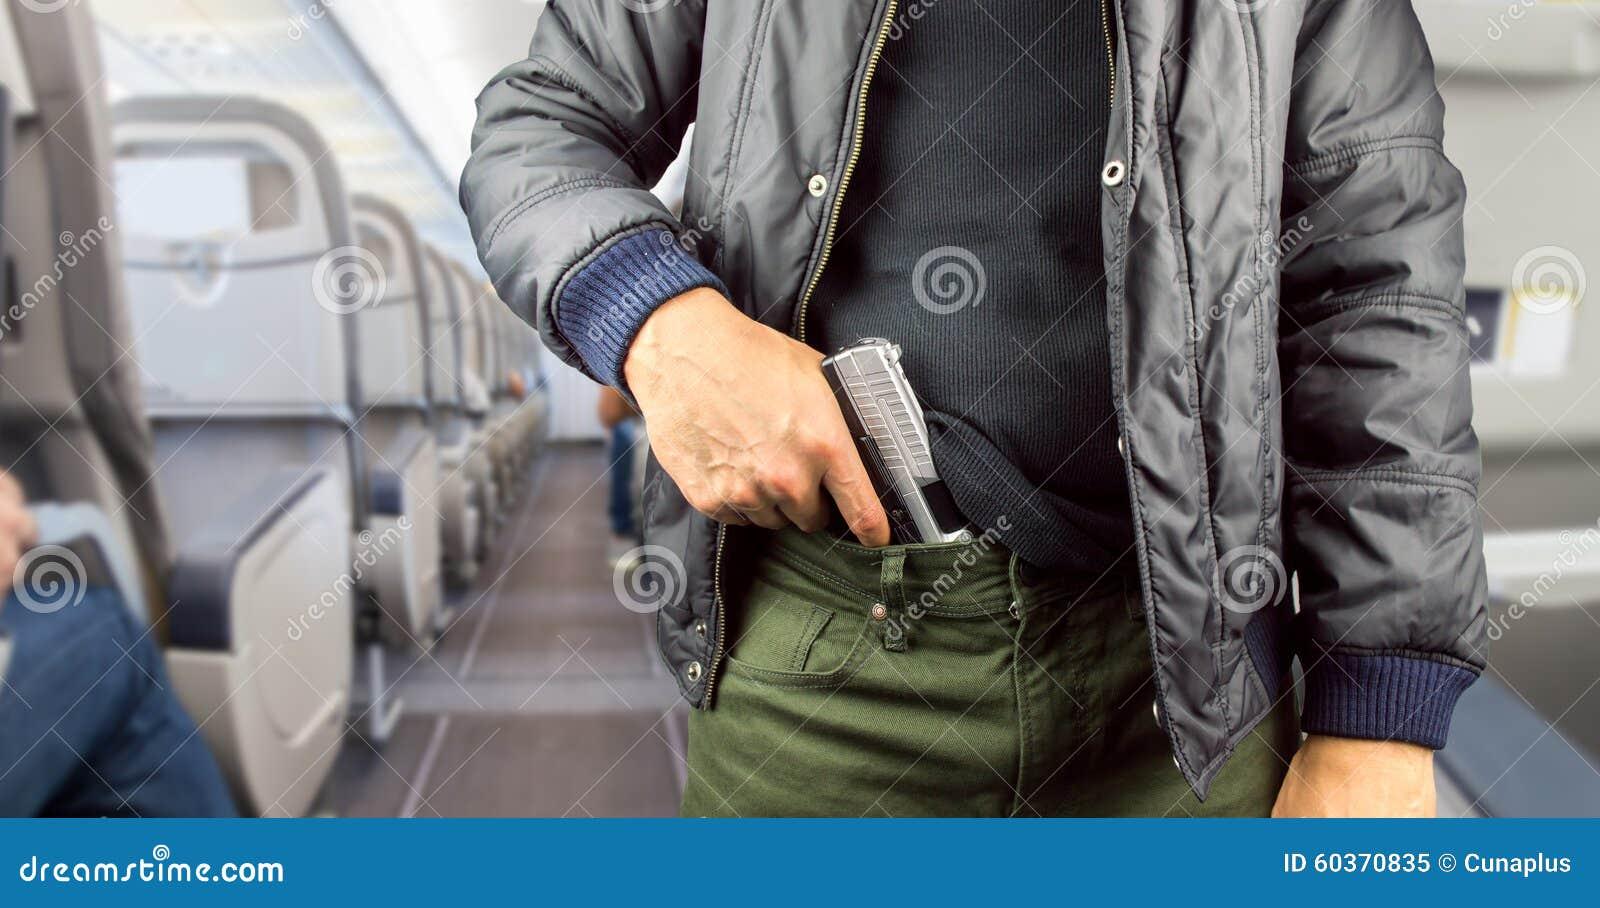 Terroriste dans un avion